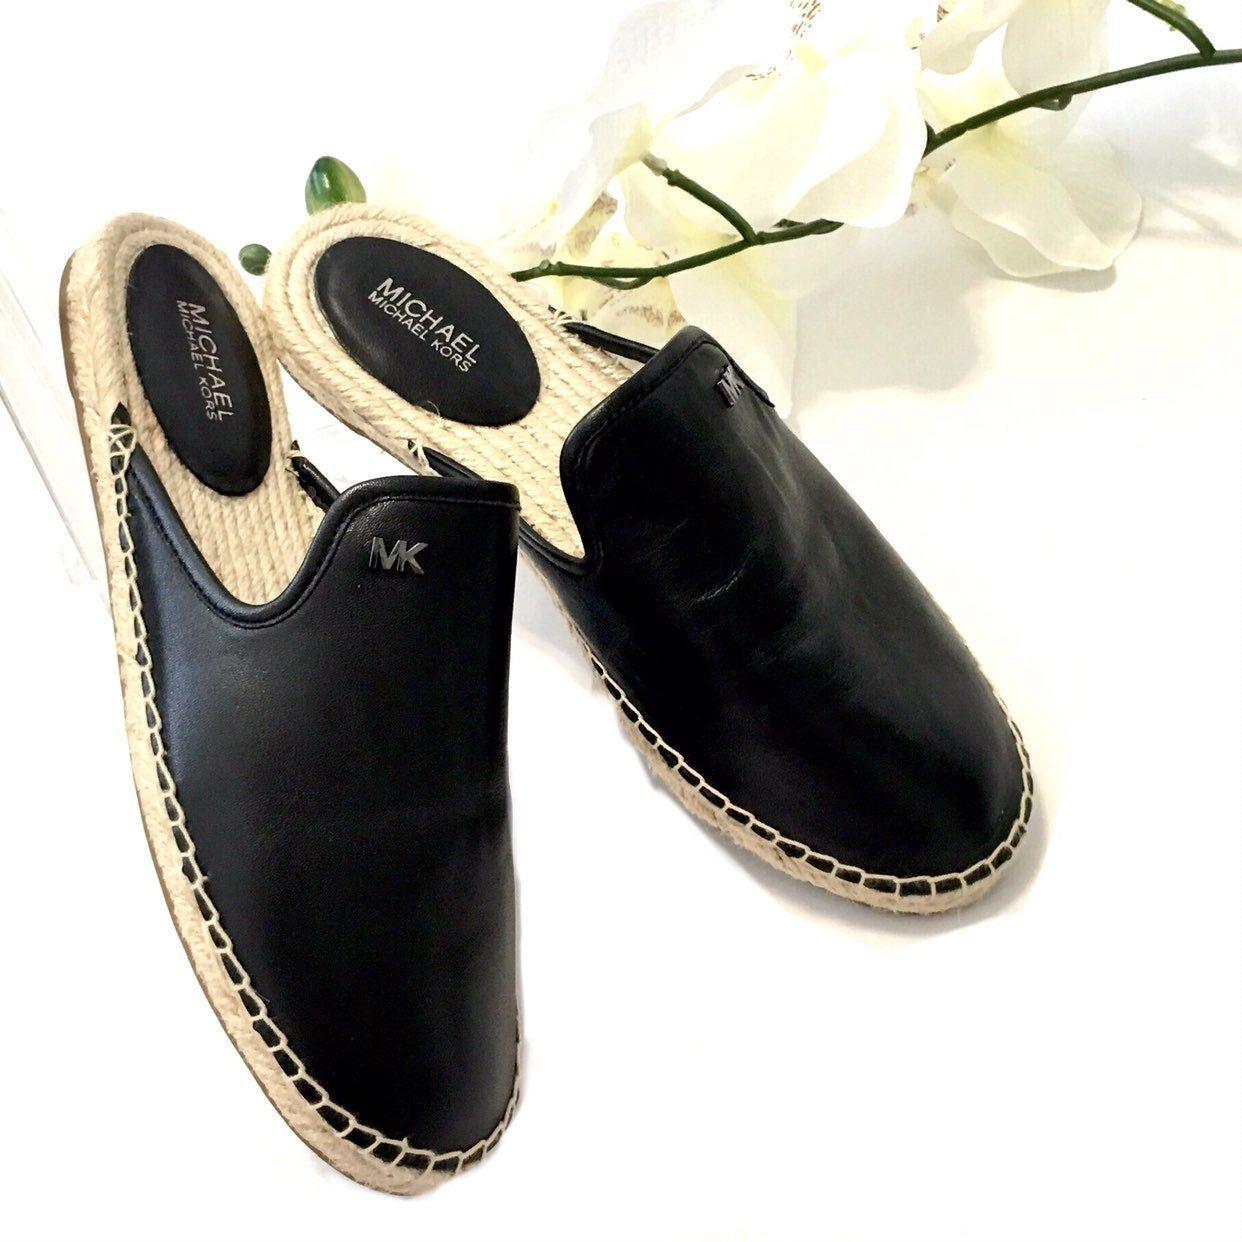 Michael Kors Black Leather Espadrille